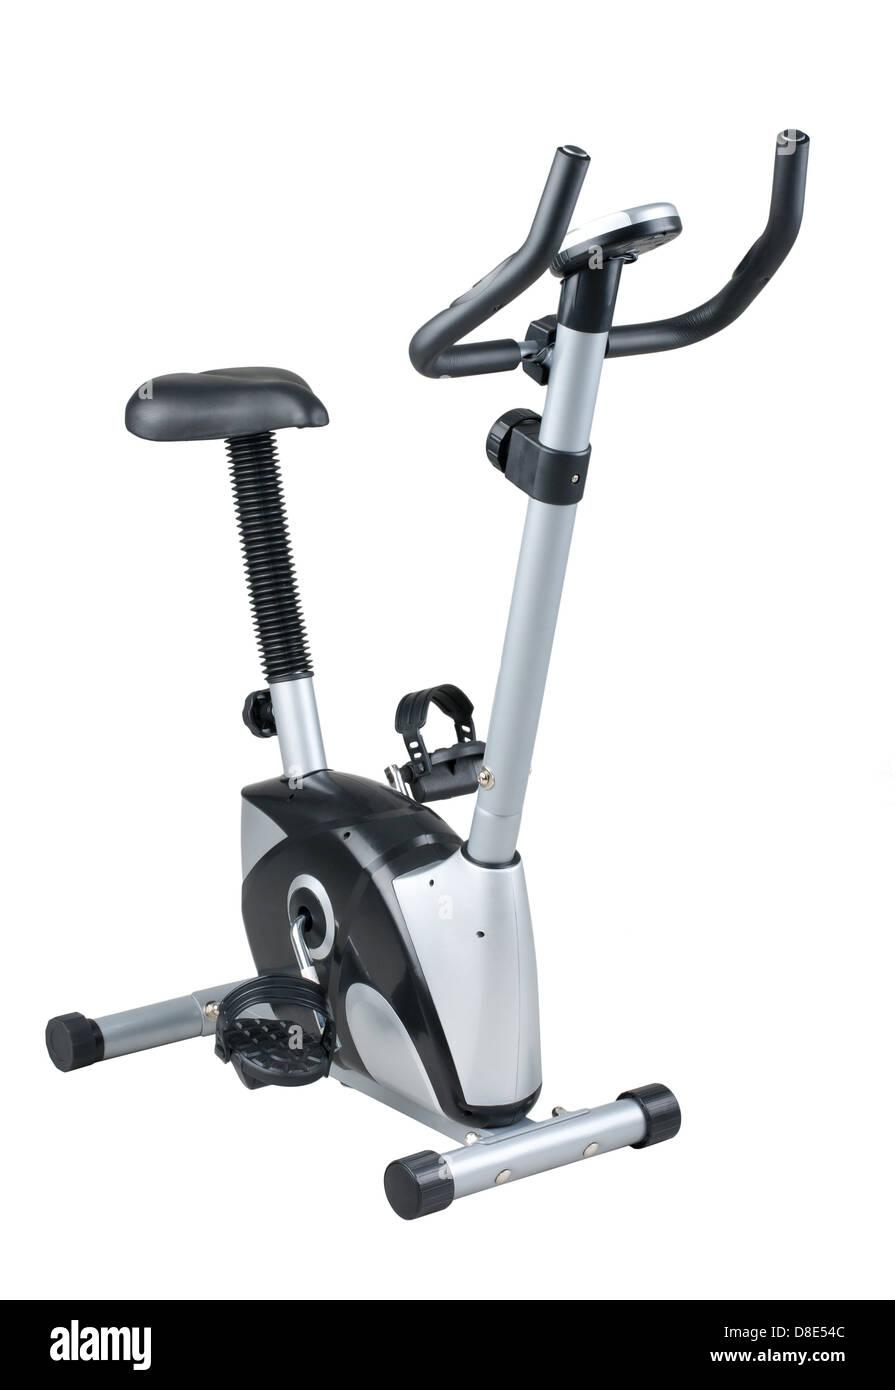 Location machine d'exercice pour une utilisation dans la salle de sport ou de conditionnement physique accueil Photo Stock